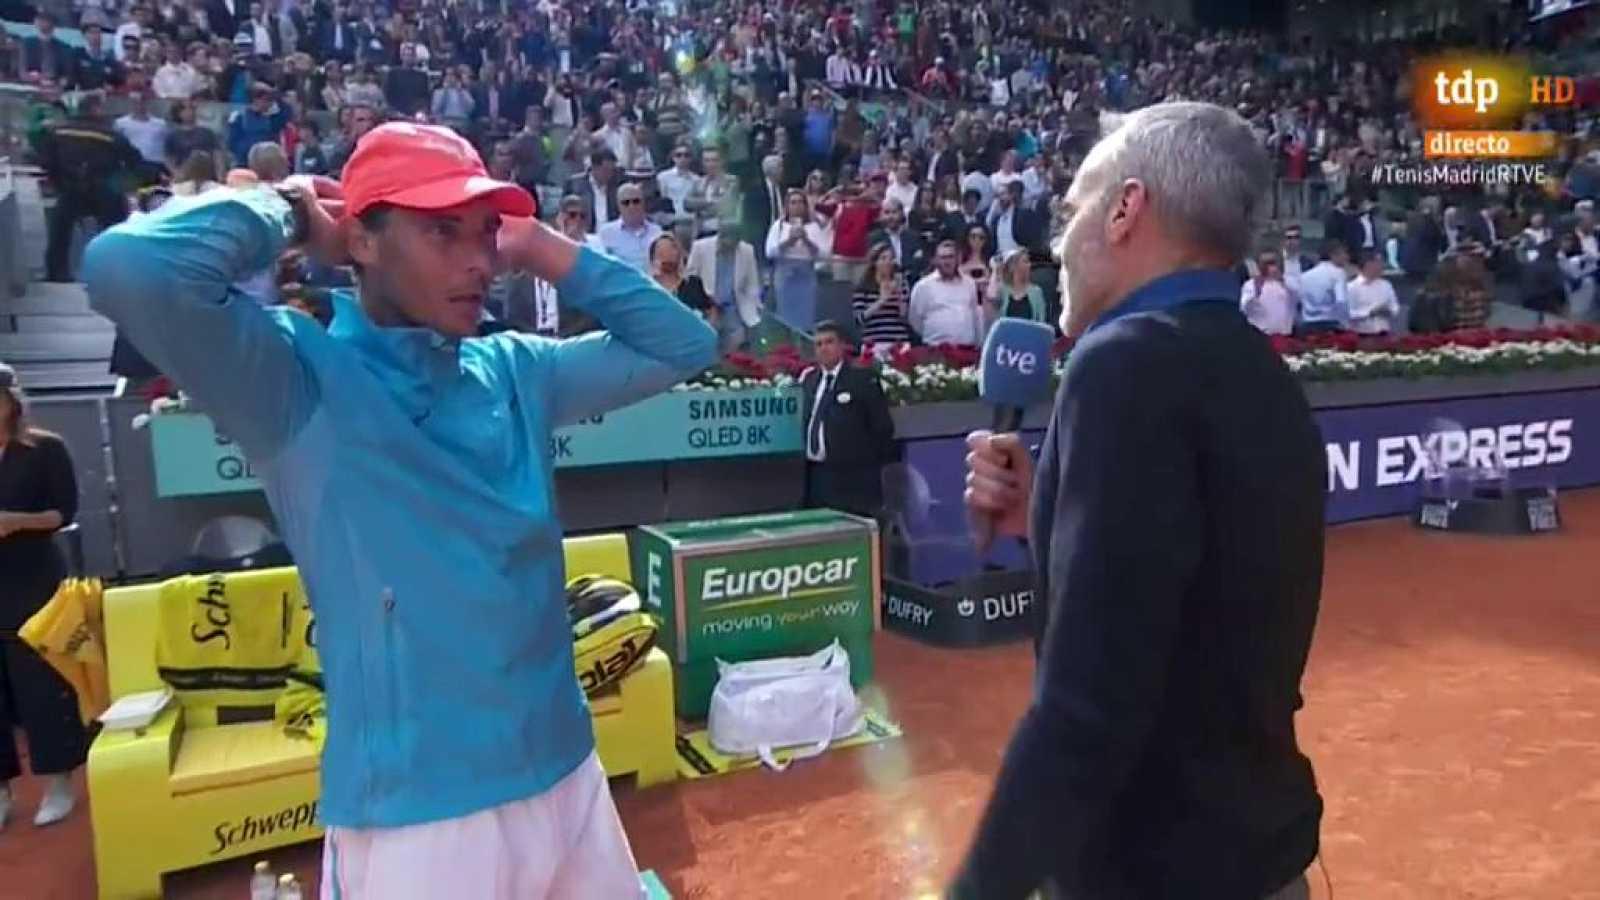 Rafael Nadal impuso su experiencia y mayor control de la bola para vencer a la joven promesa de 18 años canadiense Felix Auger-Aliassime, el de menor edad en el cuadro en esta edición, en su debut en el Mutua Madrid Open por 6-3 y 6-3, y lograr los o